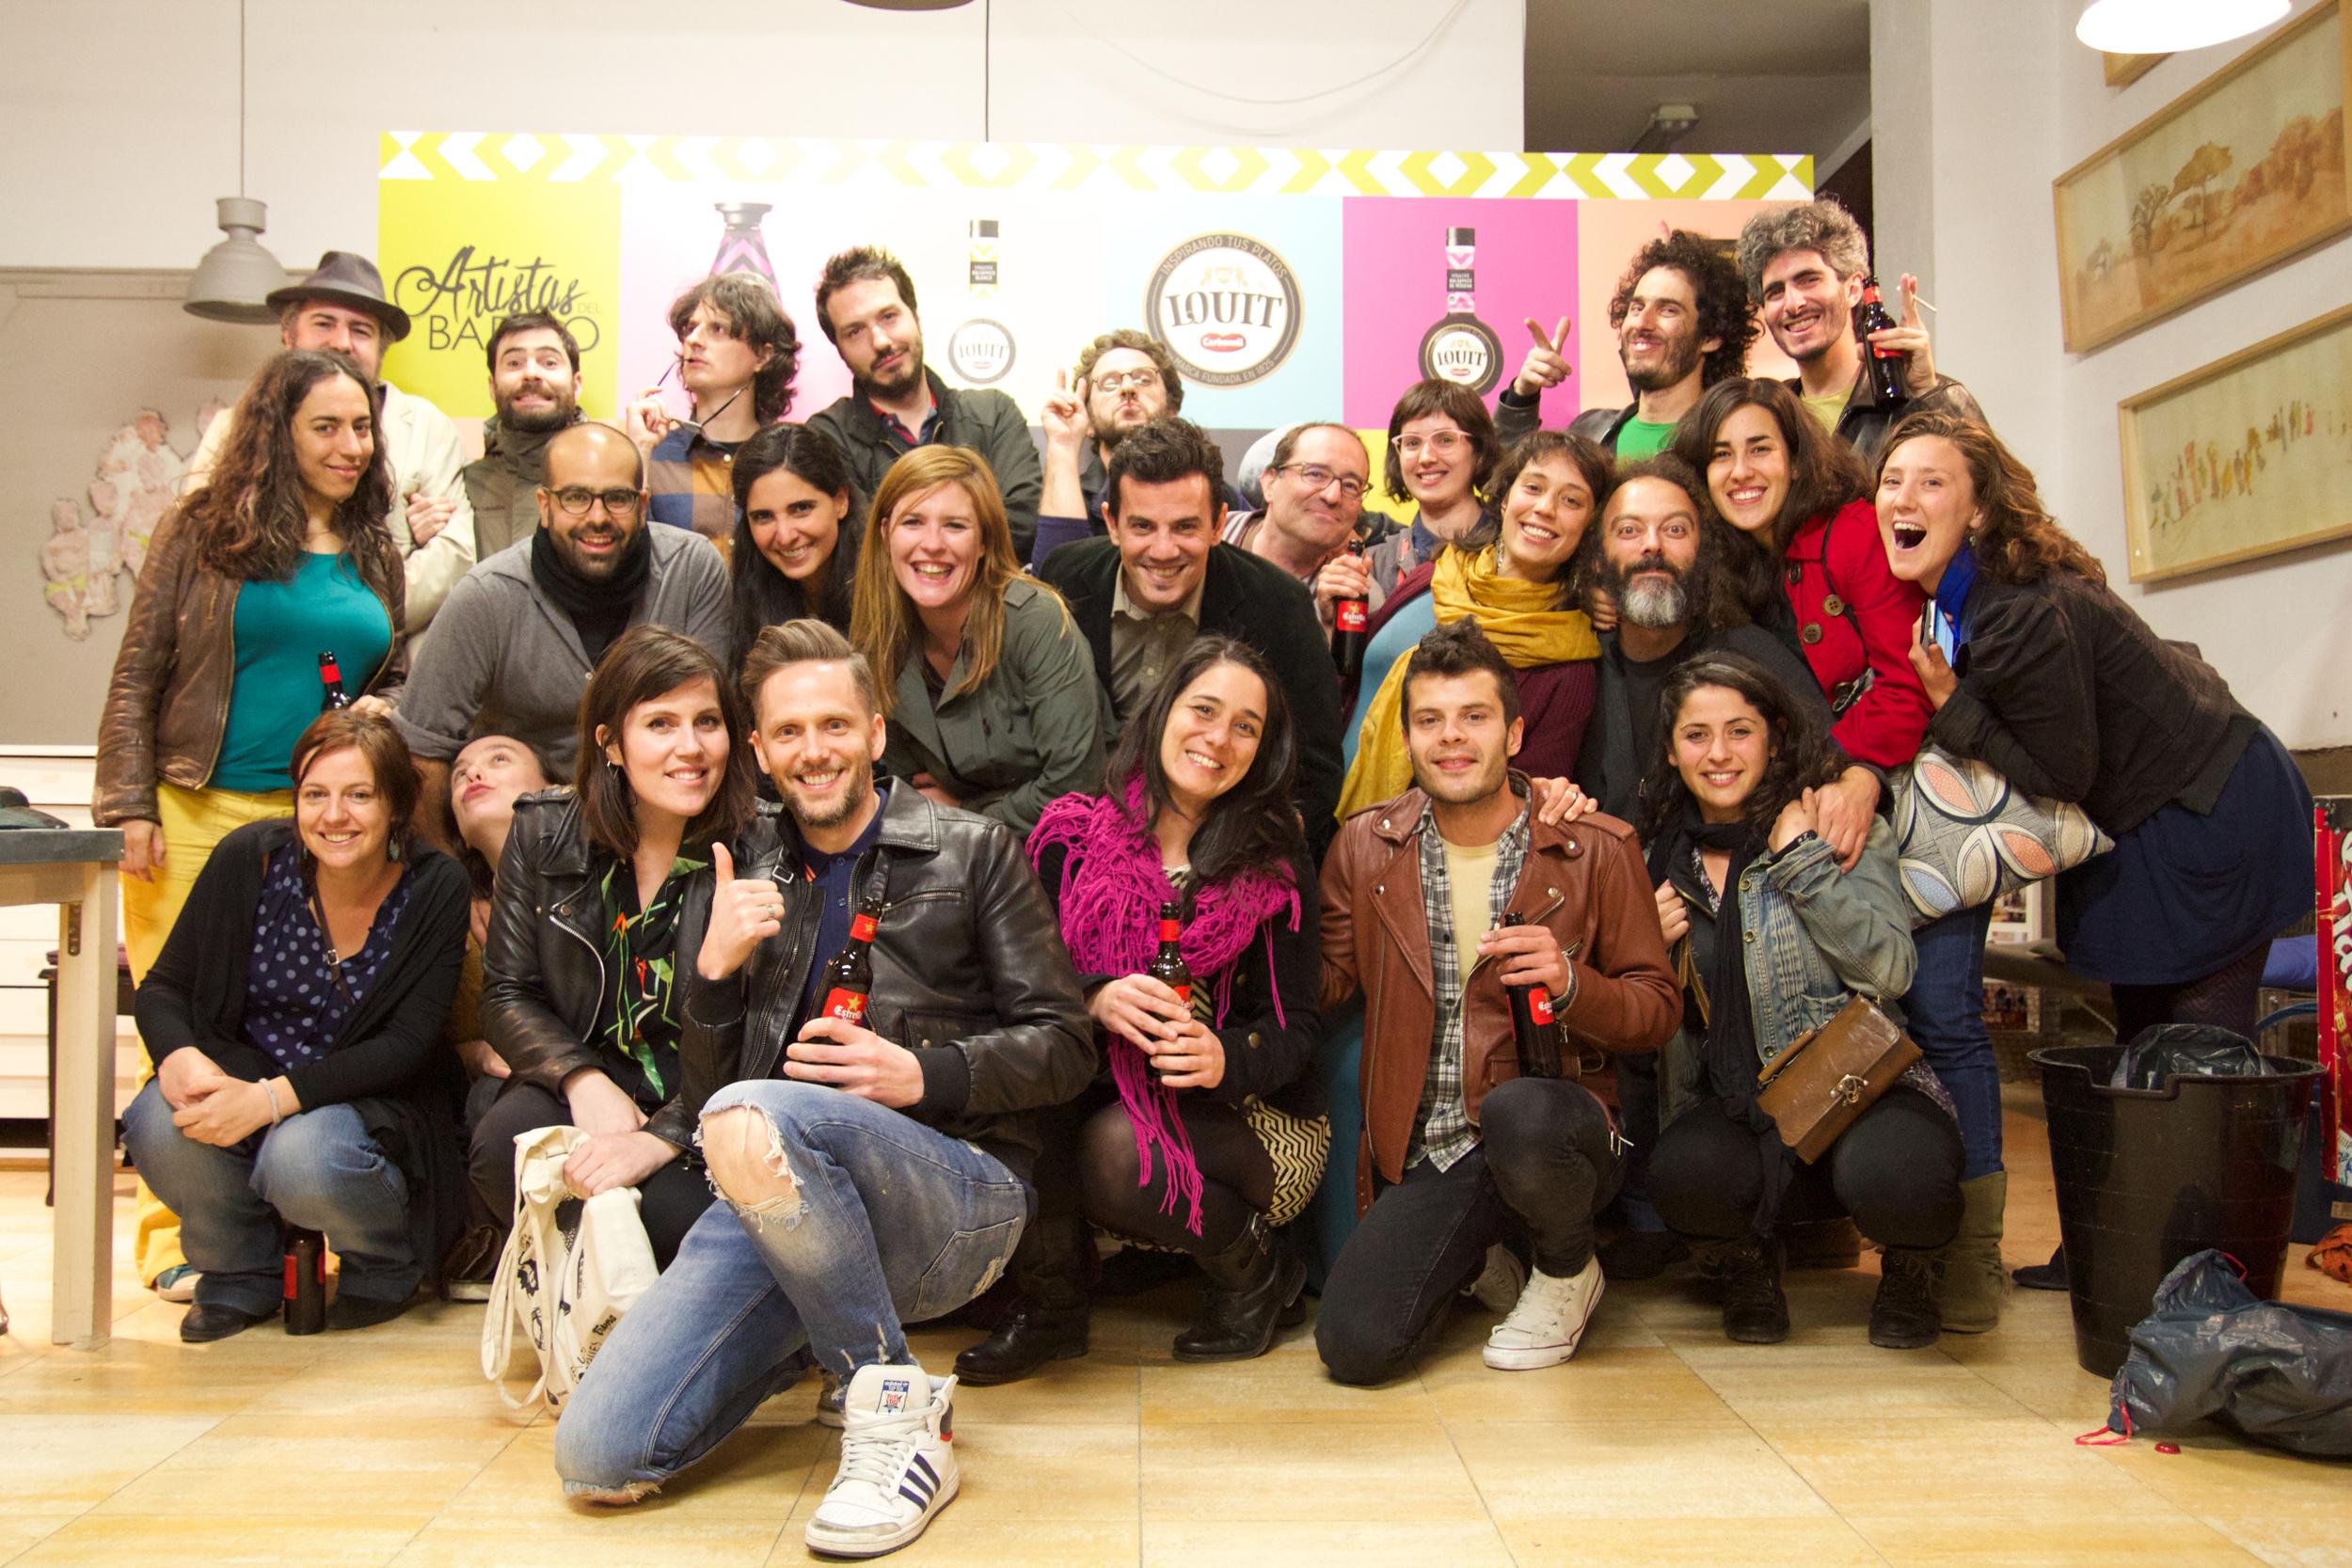 Inauguración_Los artistas del barrio (17).jpg